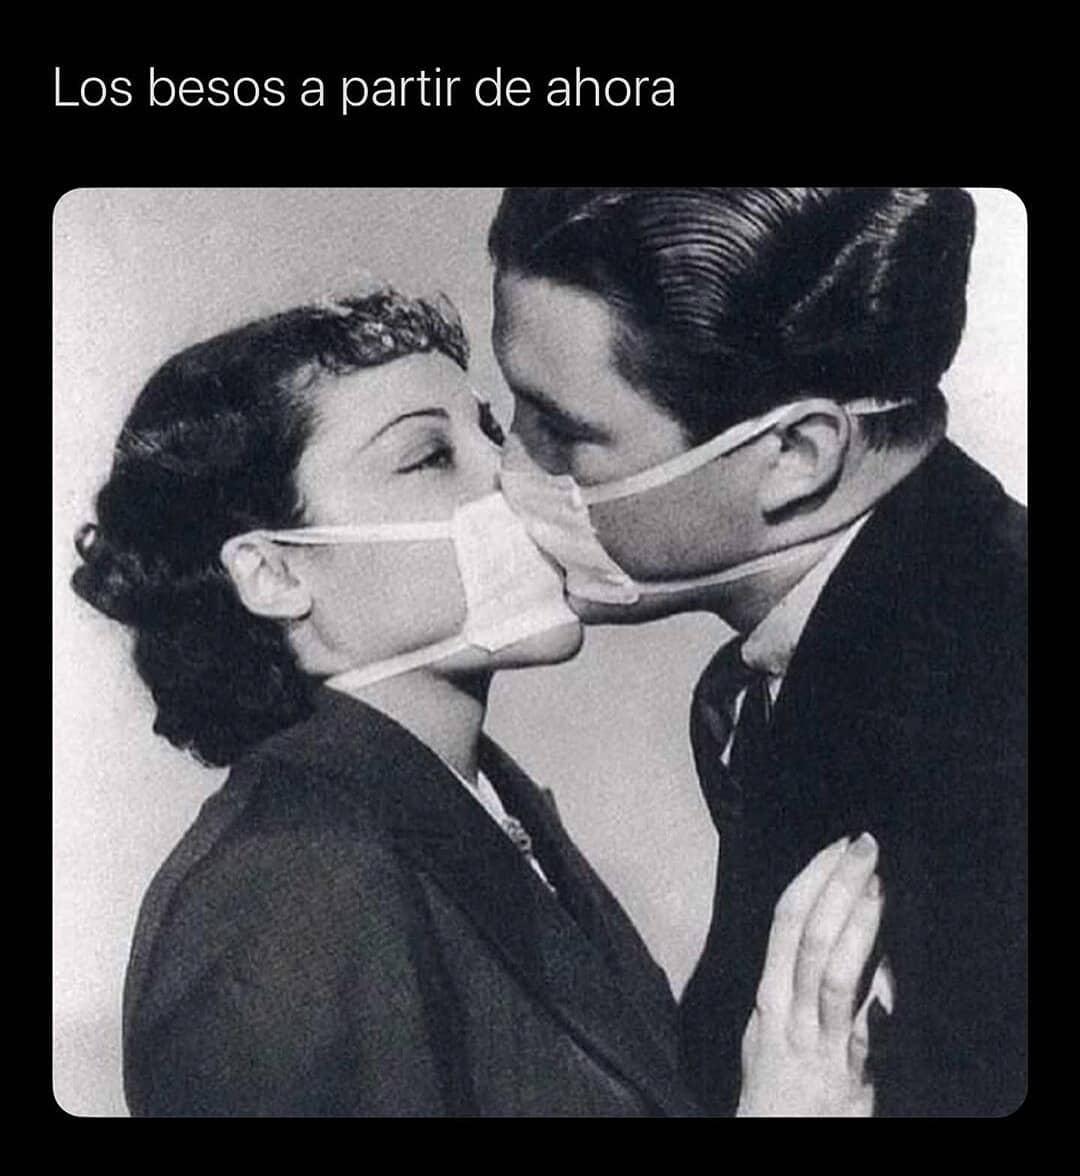 Los besos a partir de ahora.